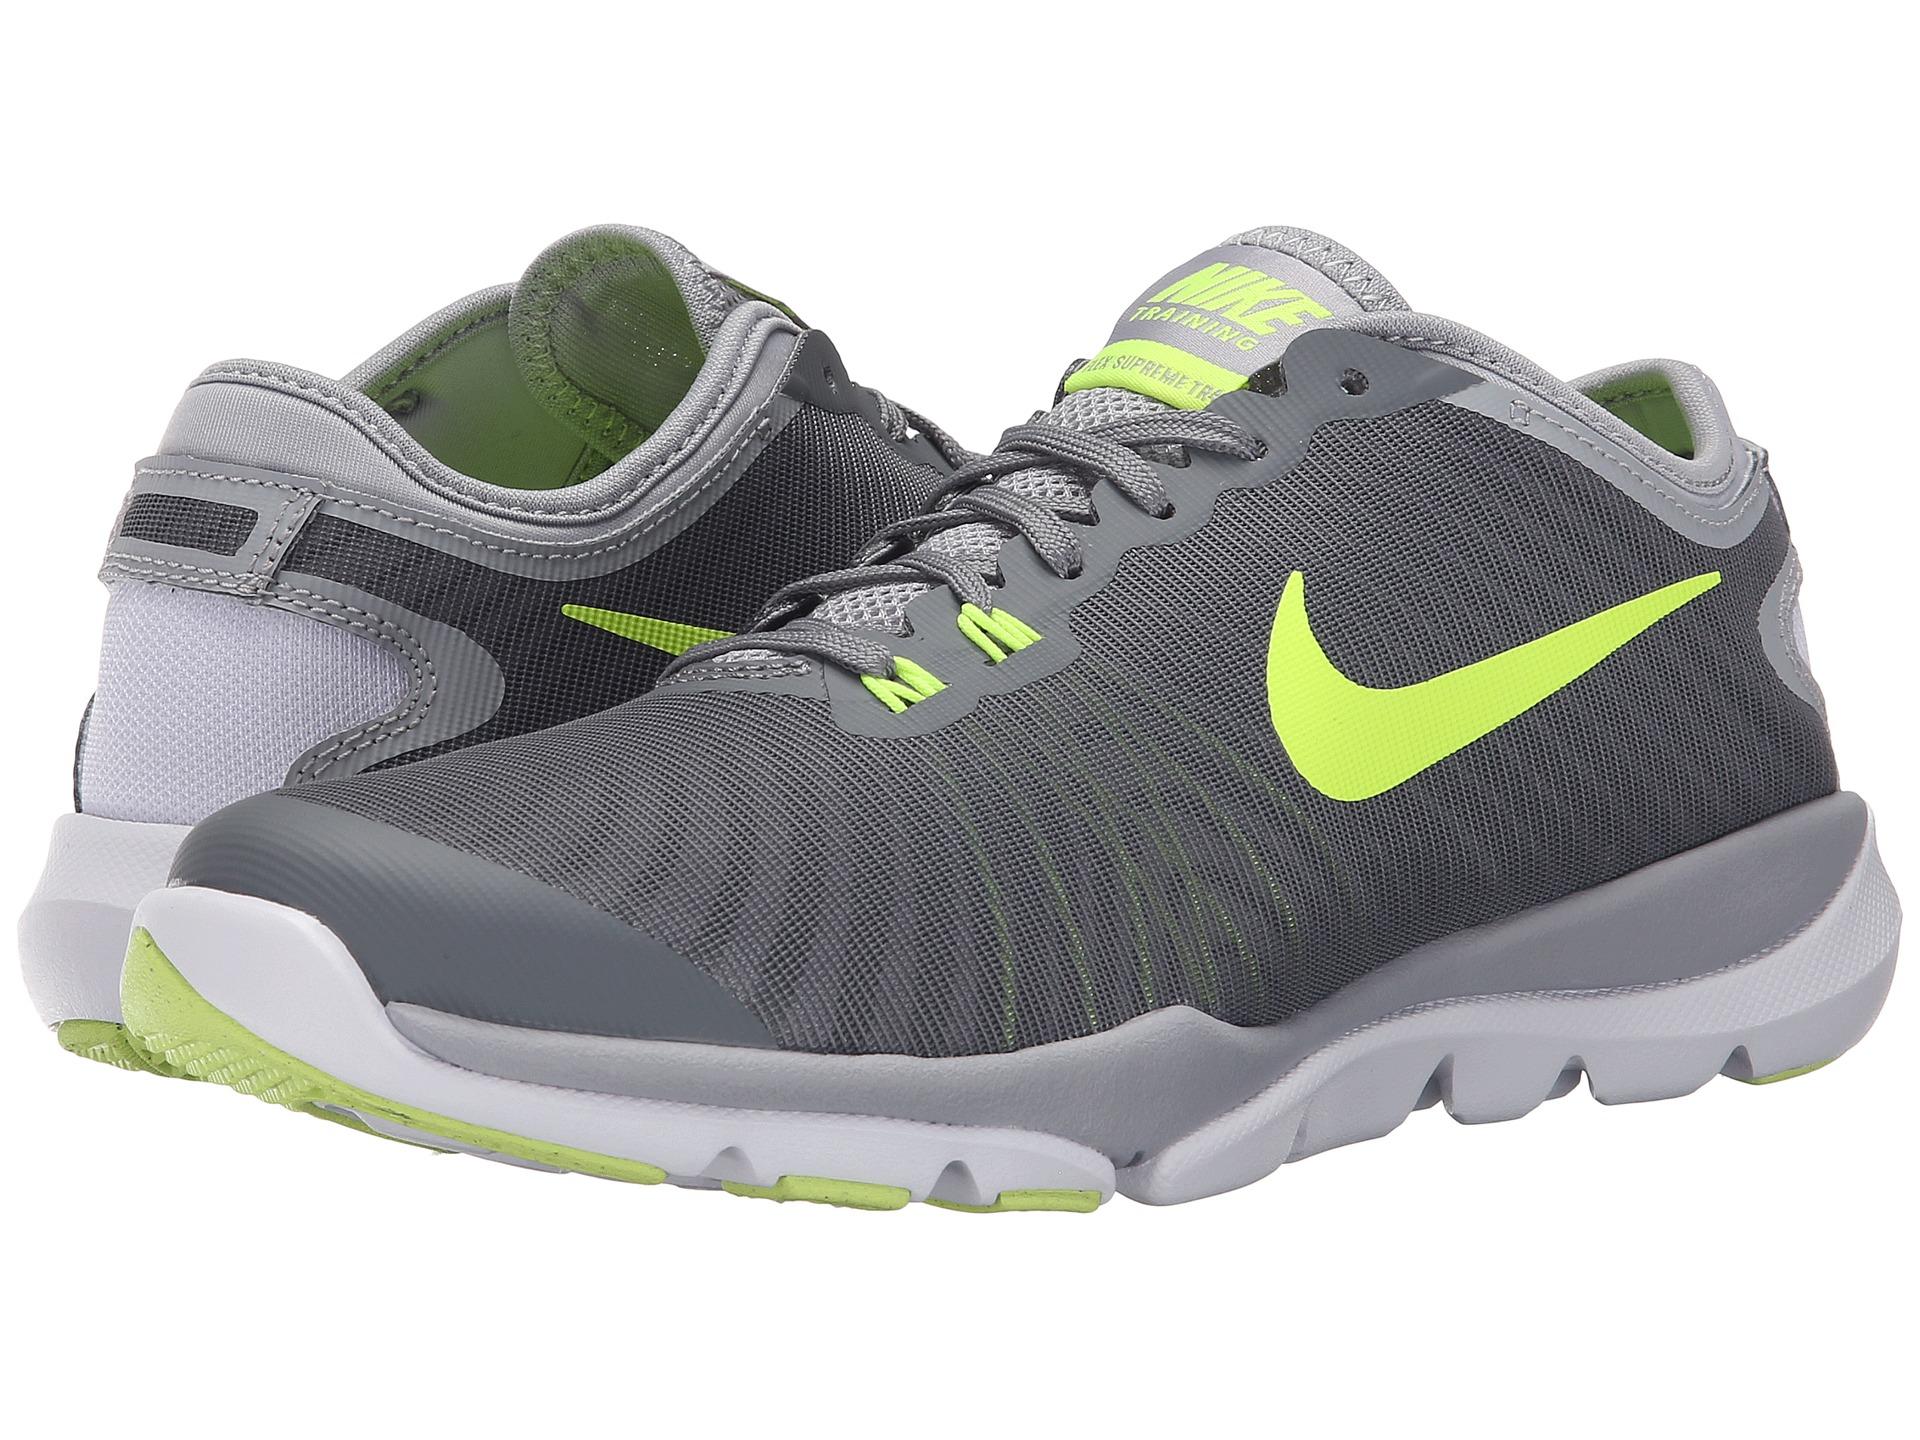 Nike Flex Supreme Tr Training Shoes